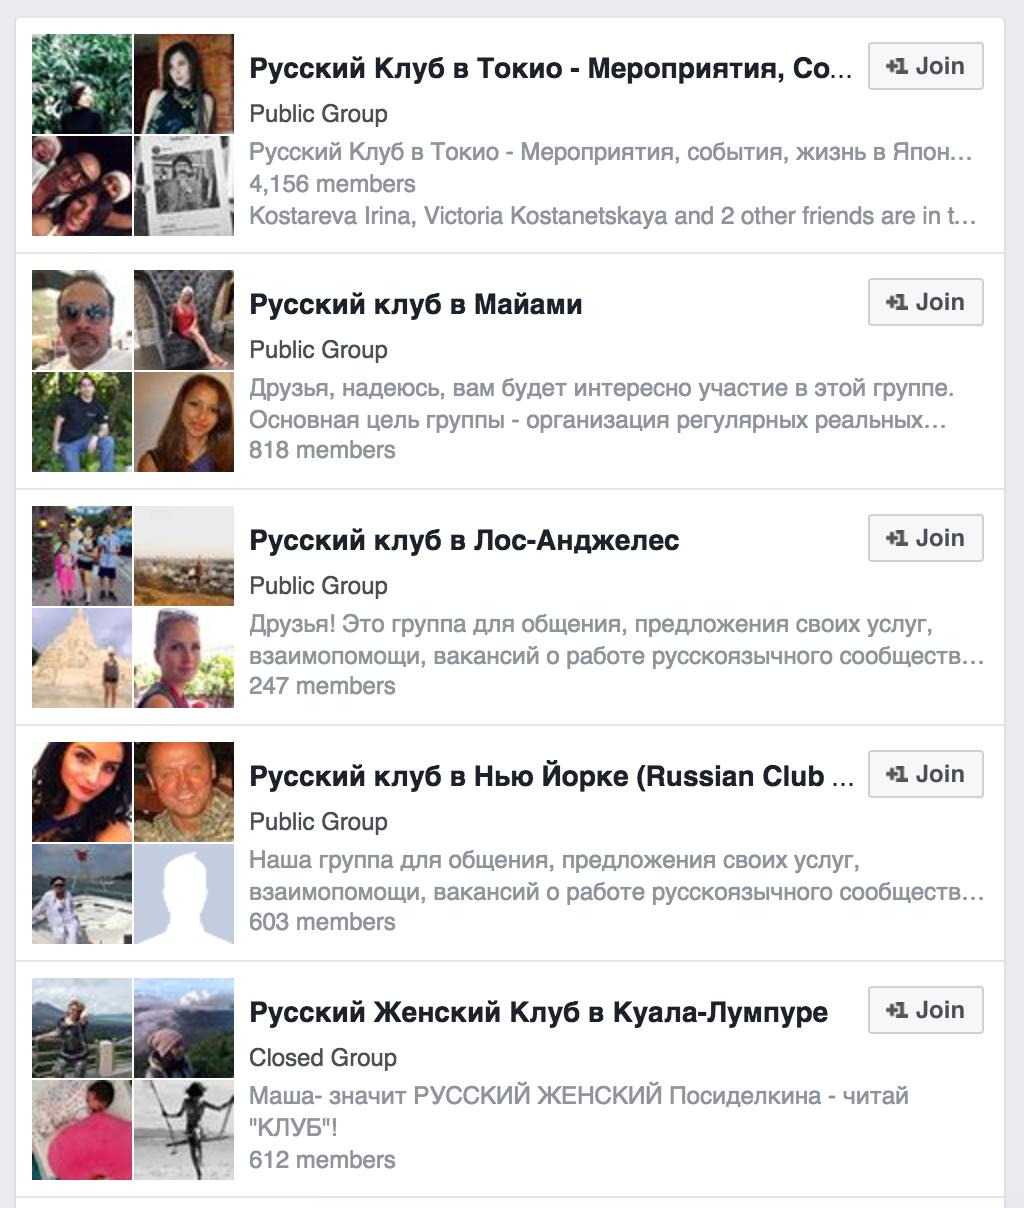 Русские клубы в разных городах, результаты поиска в Фейсбуке